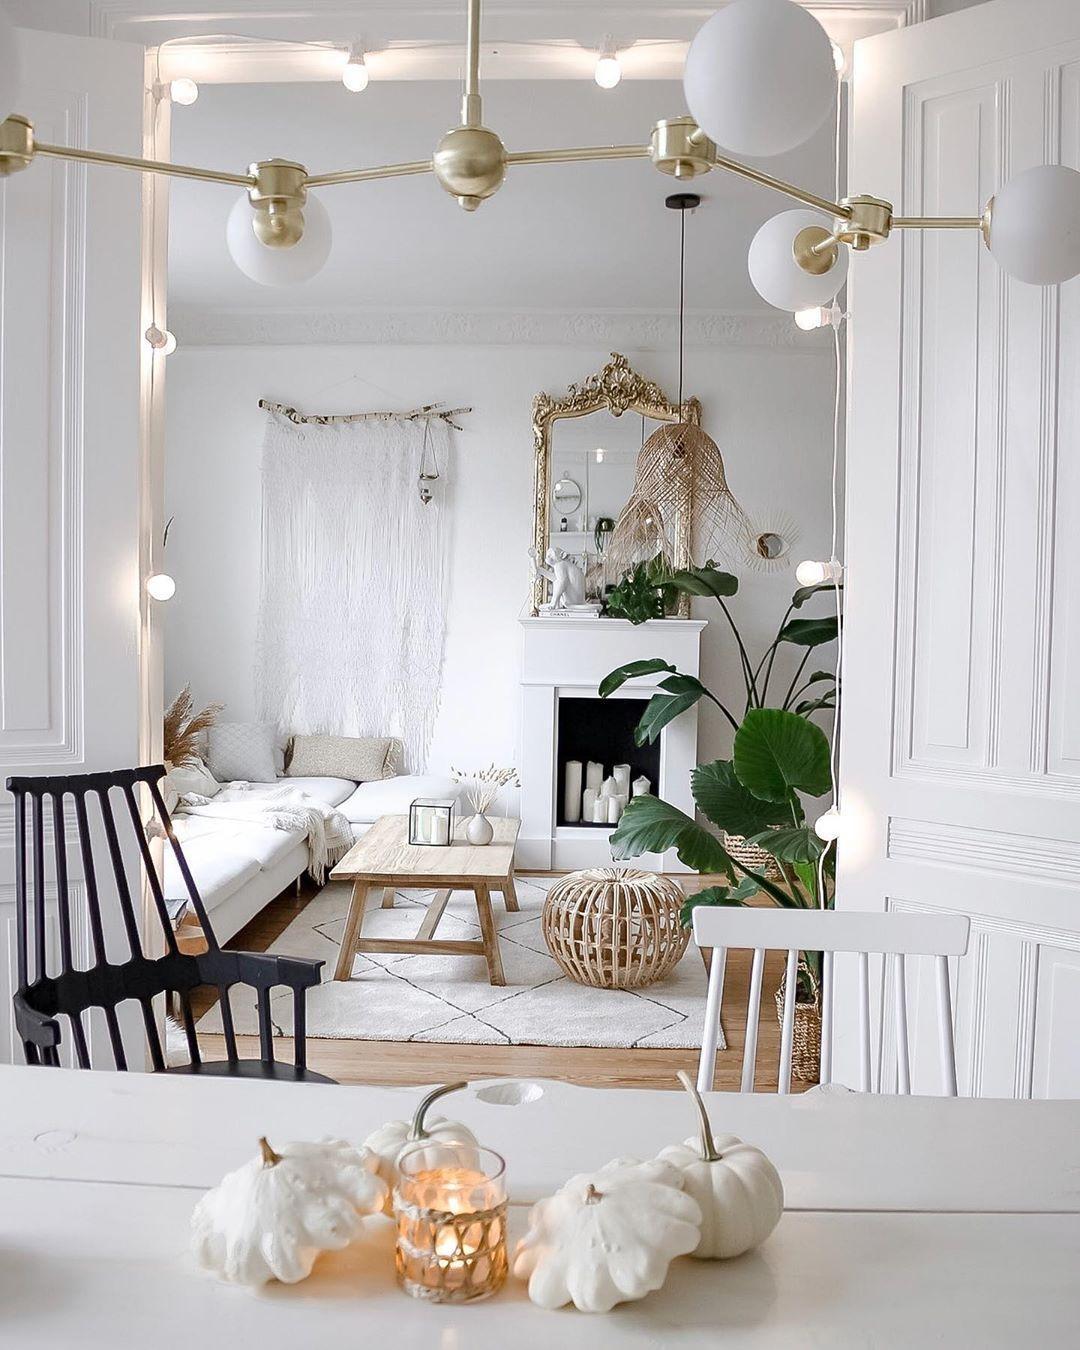 Wohnzimmer Lampe Boho